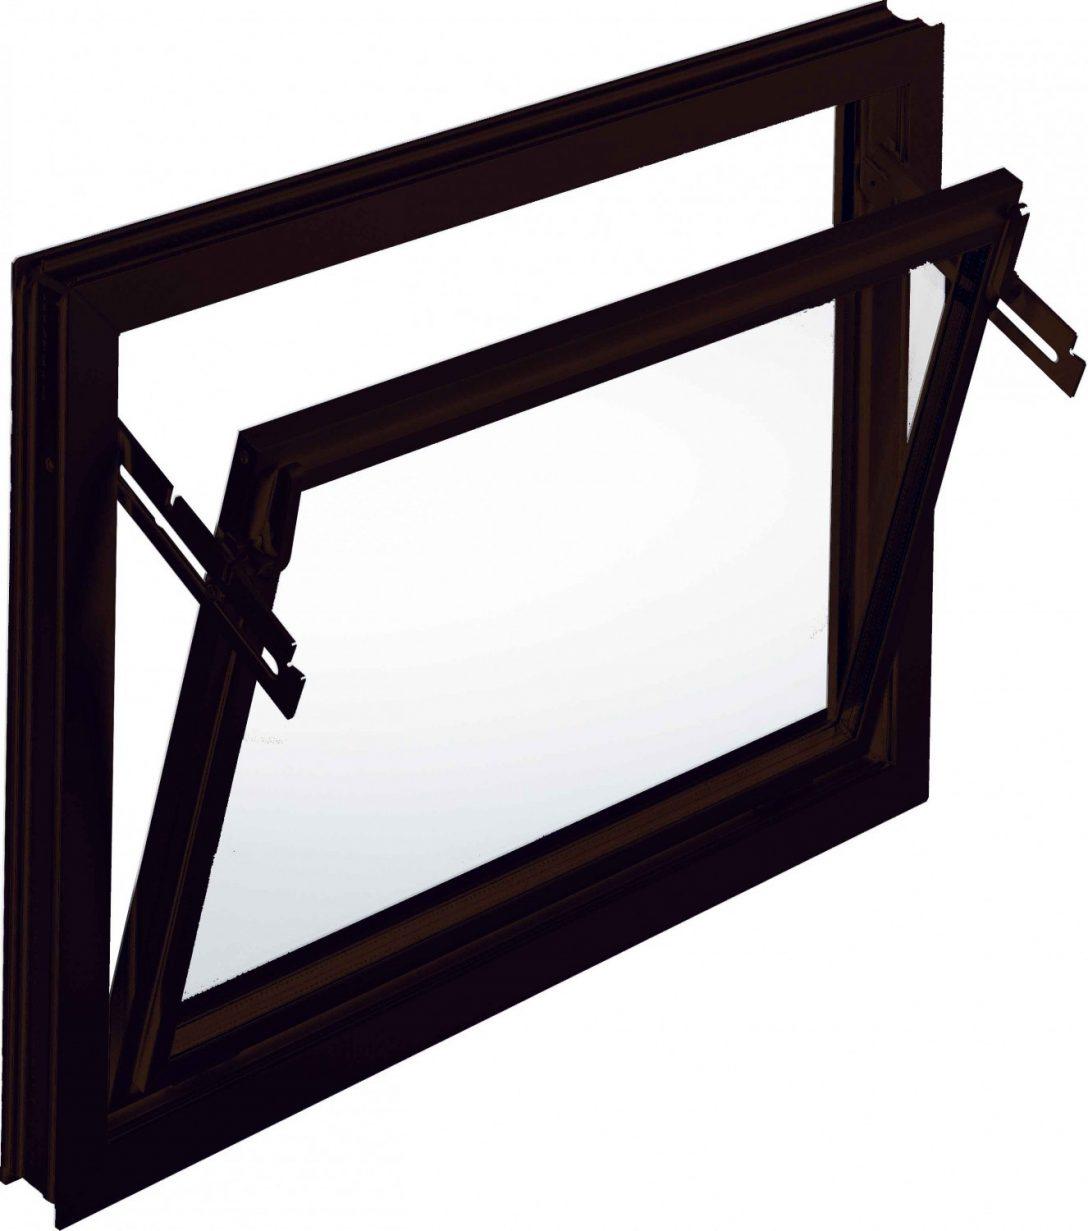 Large Size of Fenster Braun Aco 100cm Nebenraumfenster Kippfenster Einfachglas Online Konfigurator Neue Einbauen Plissee Sonnenschutz Klebefolie Für Veka Bauhaus Fenster Fenster Braun